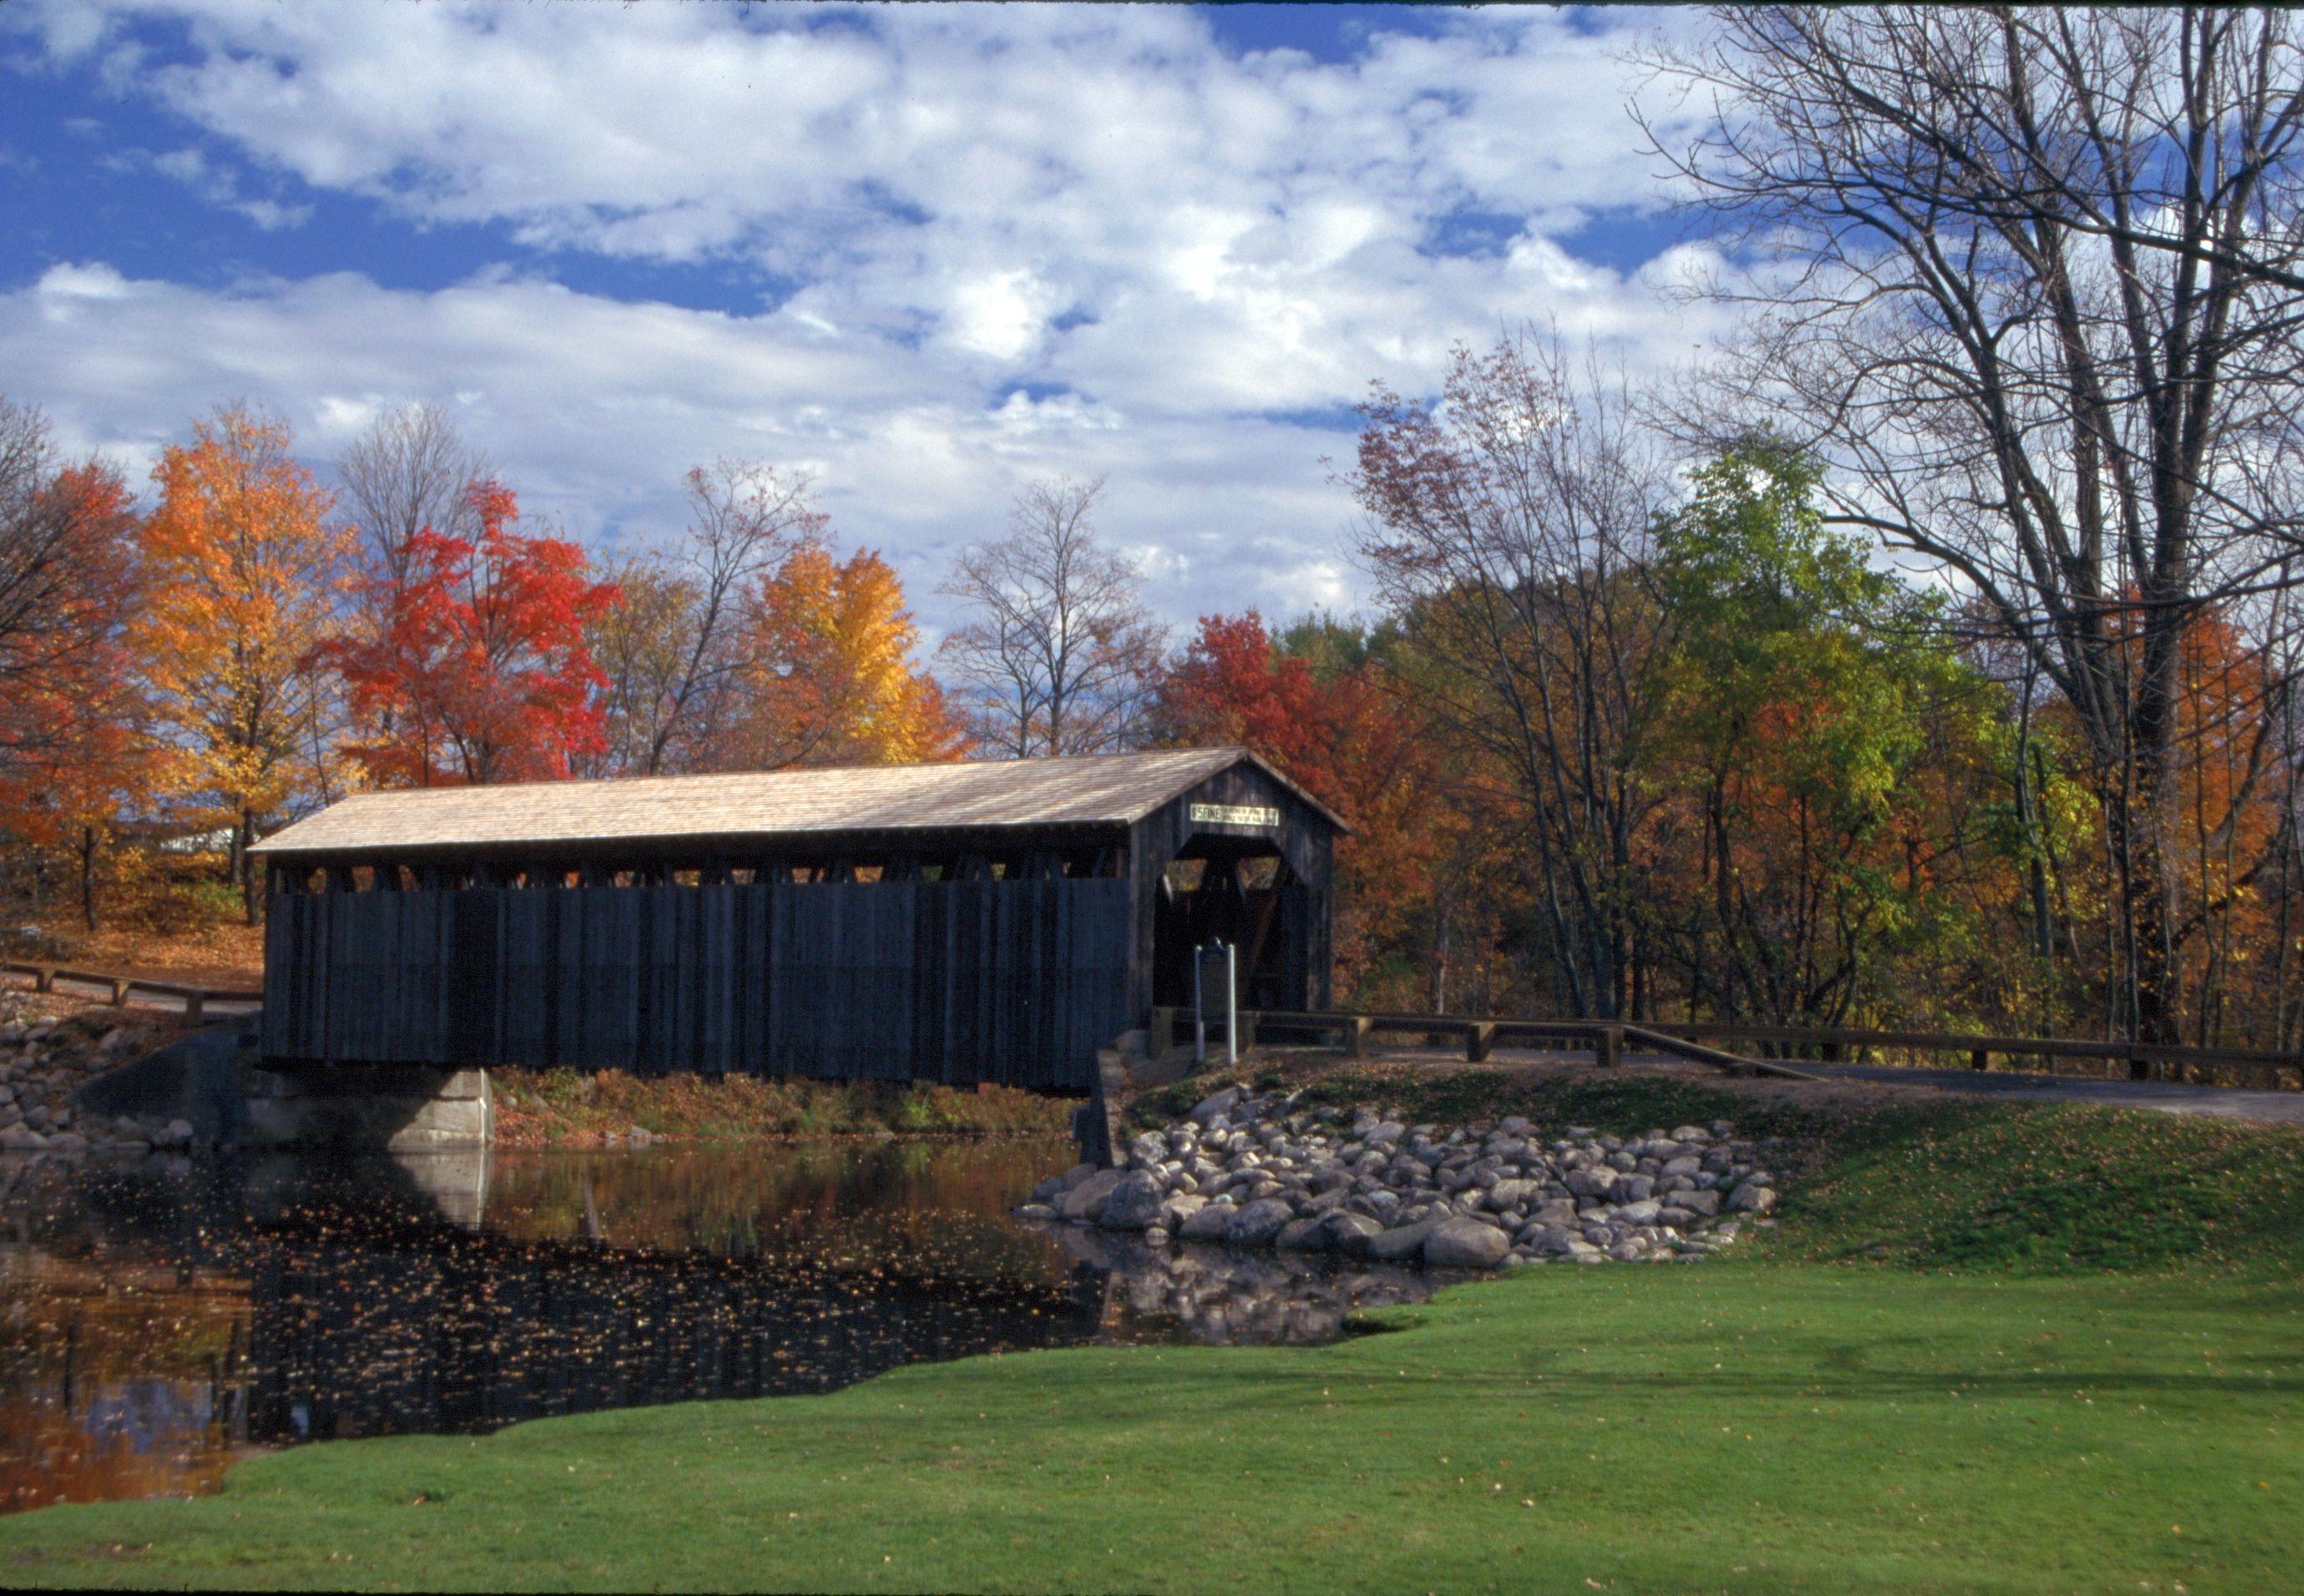 Pin on Fall in Grand Rapids